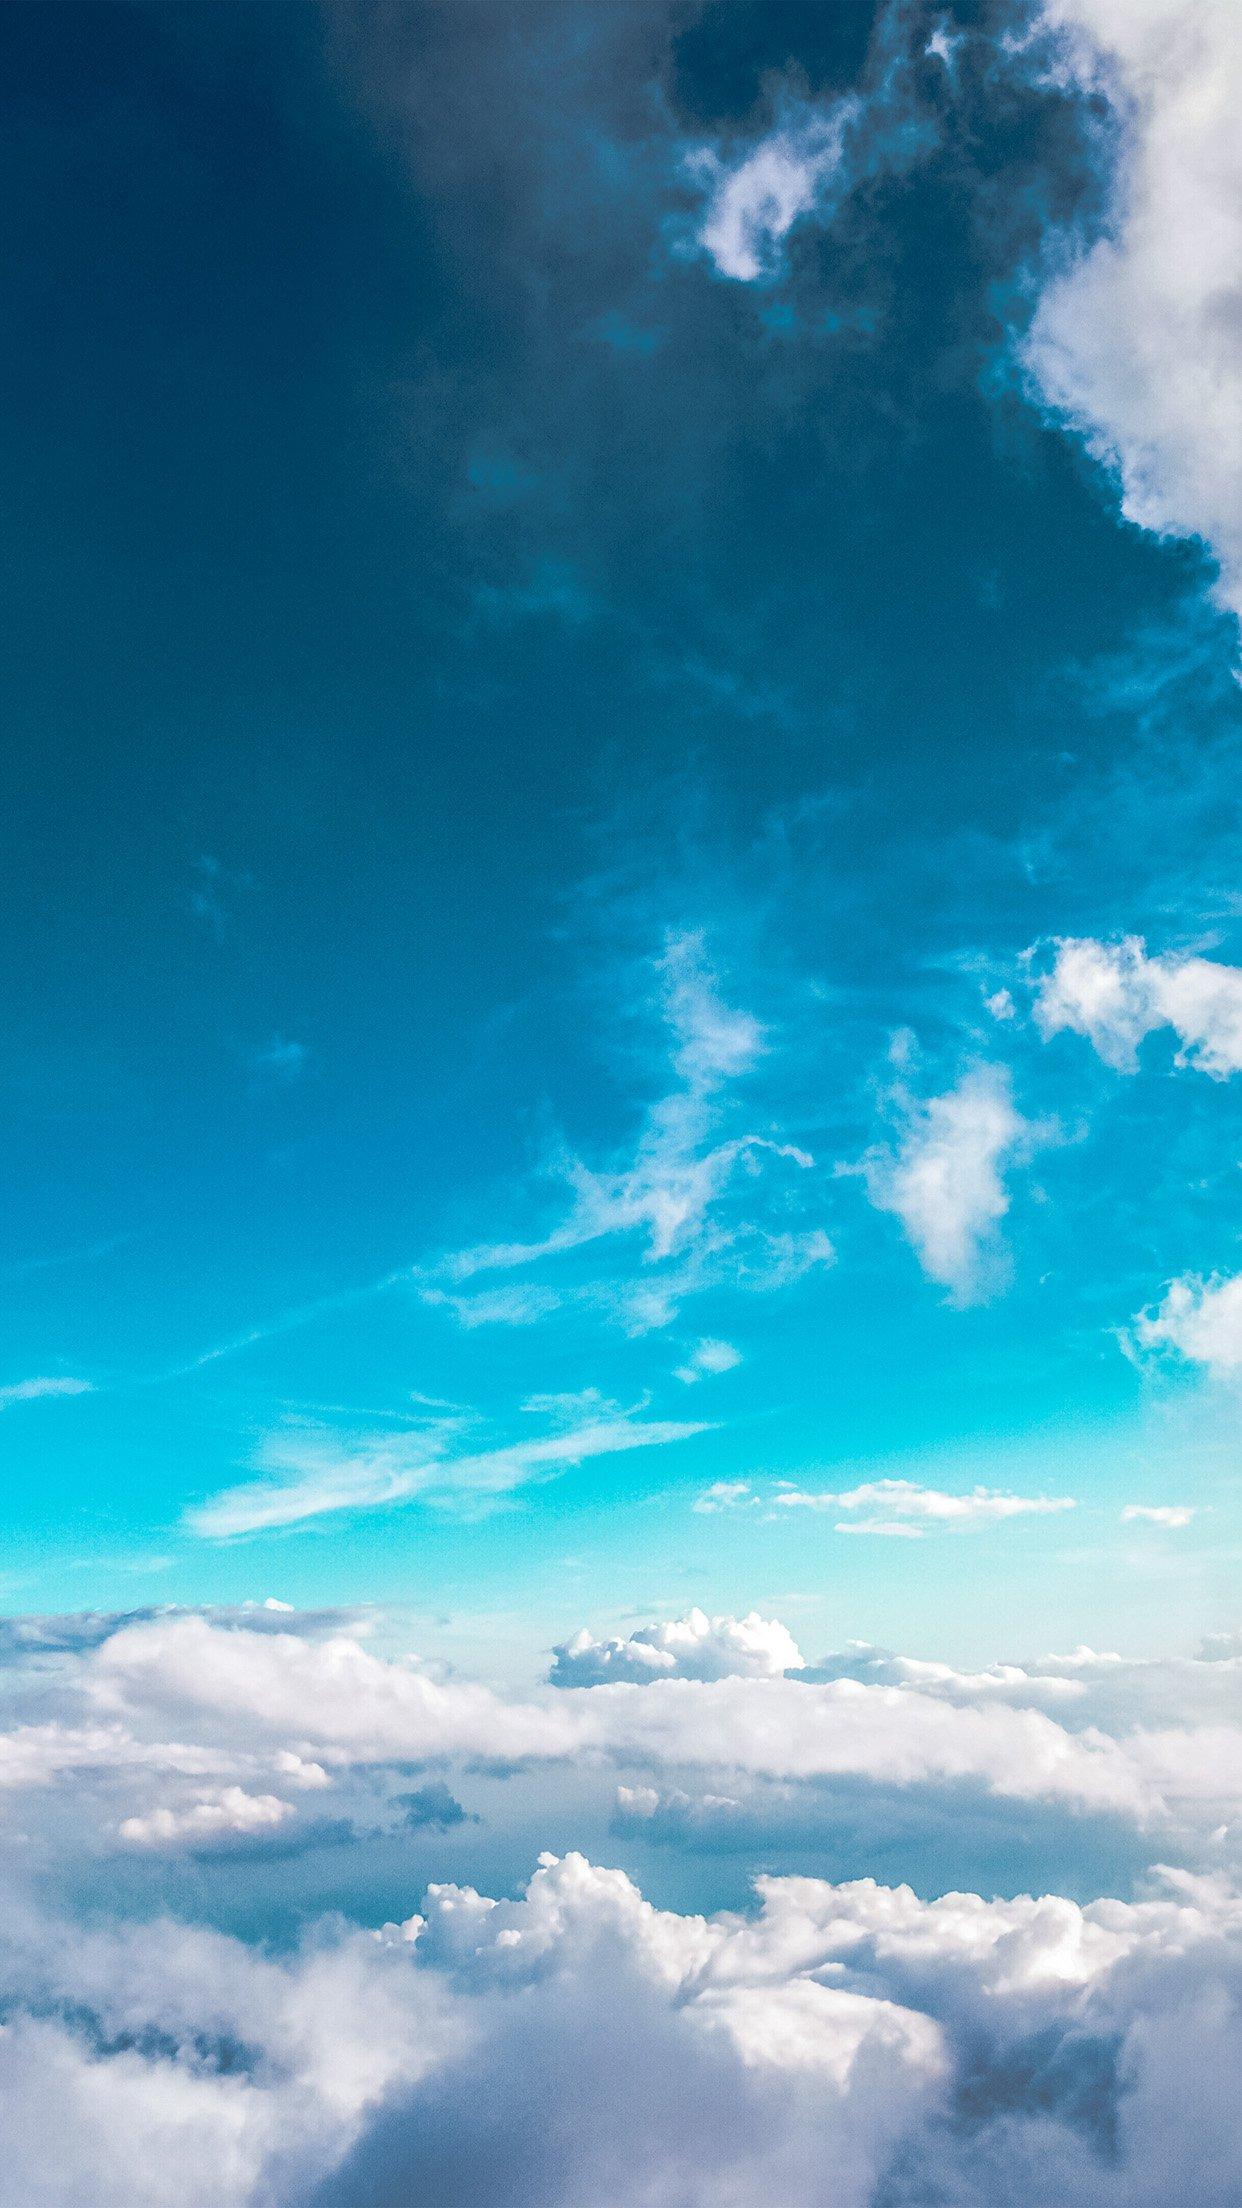 Hình nền bầu trời xanh tuyệt đẹp cho điện thoại 3